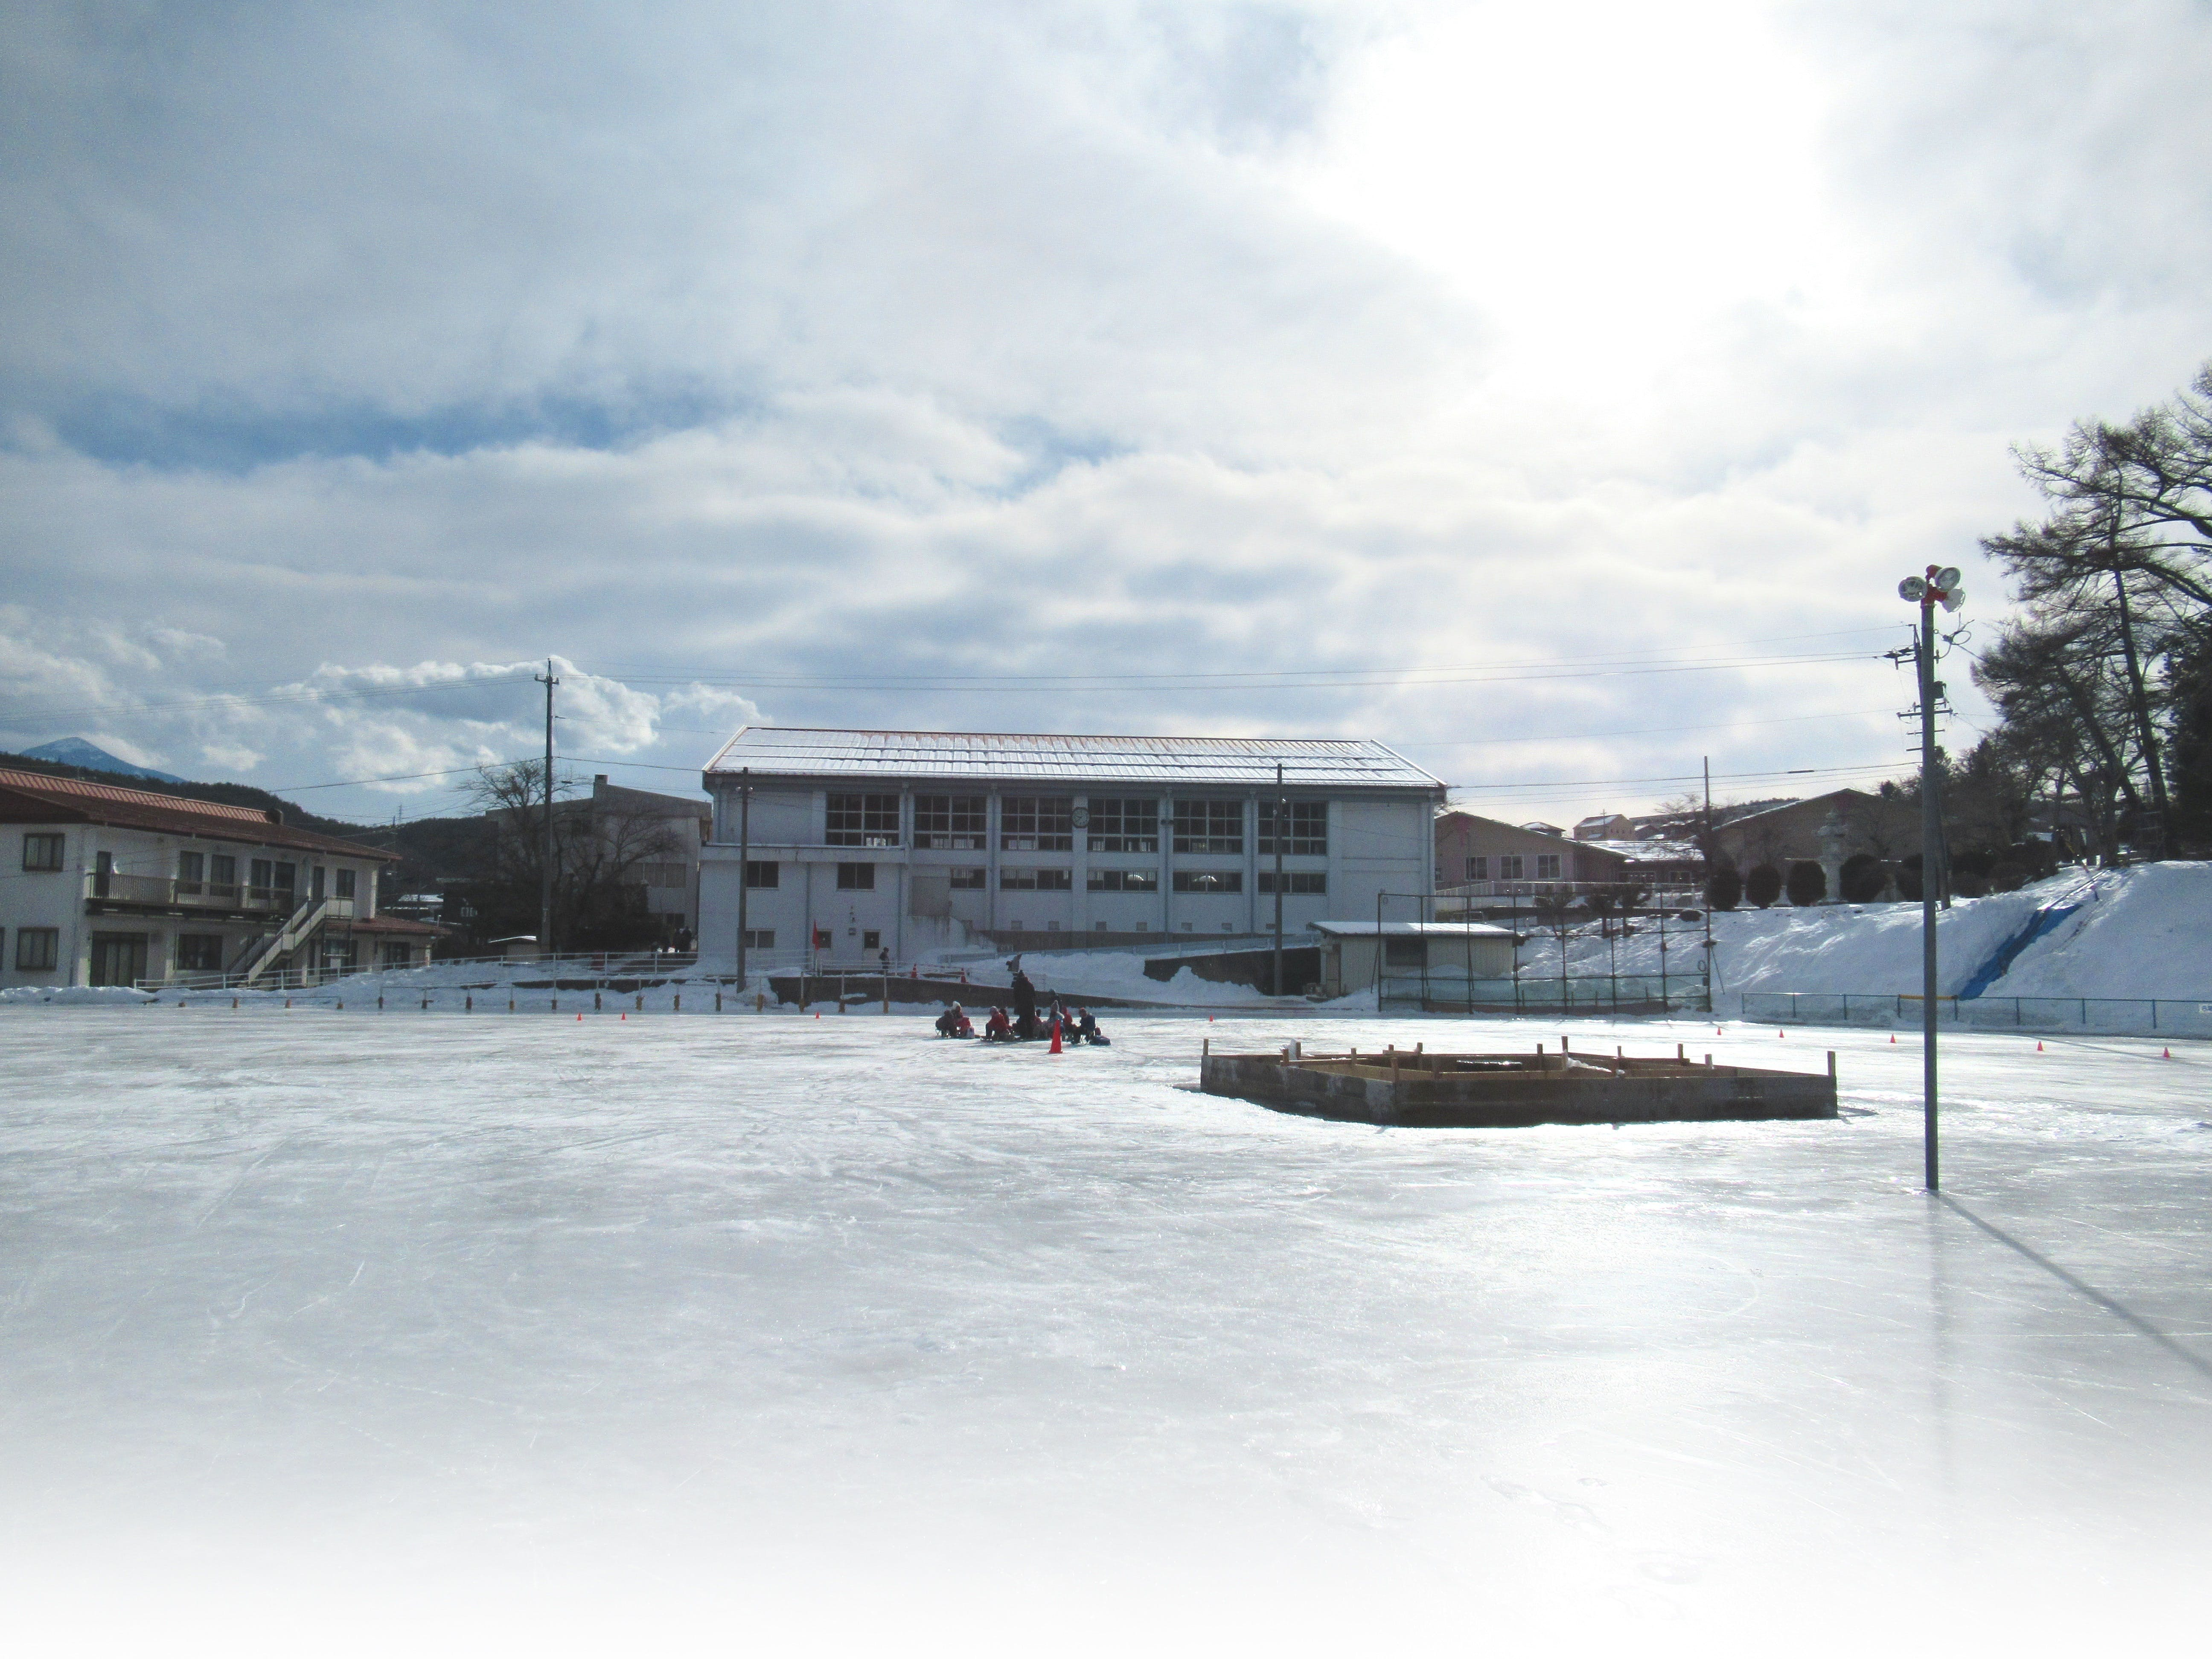 スケート選手を育んだ、小学校の校庭スケートリンクを体感!  【1月の9日間限定 19:00~21:00開催】